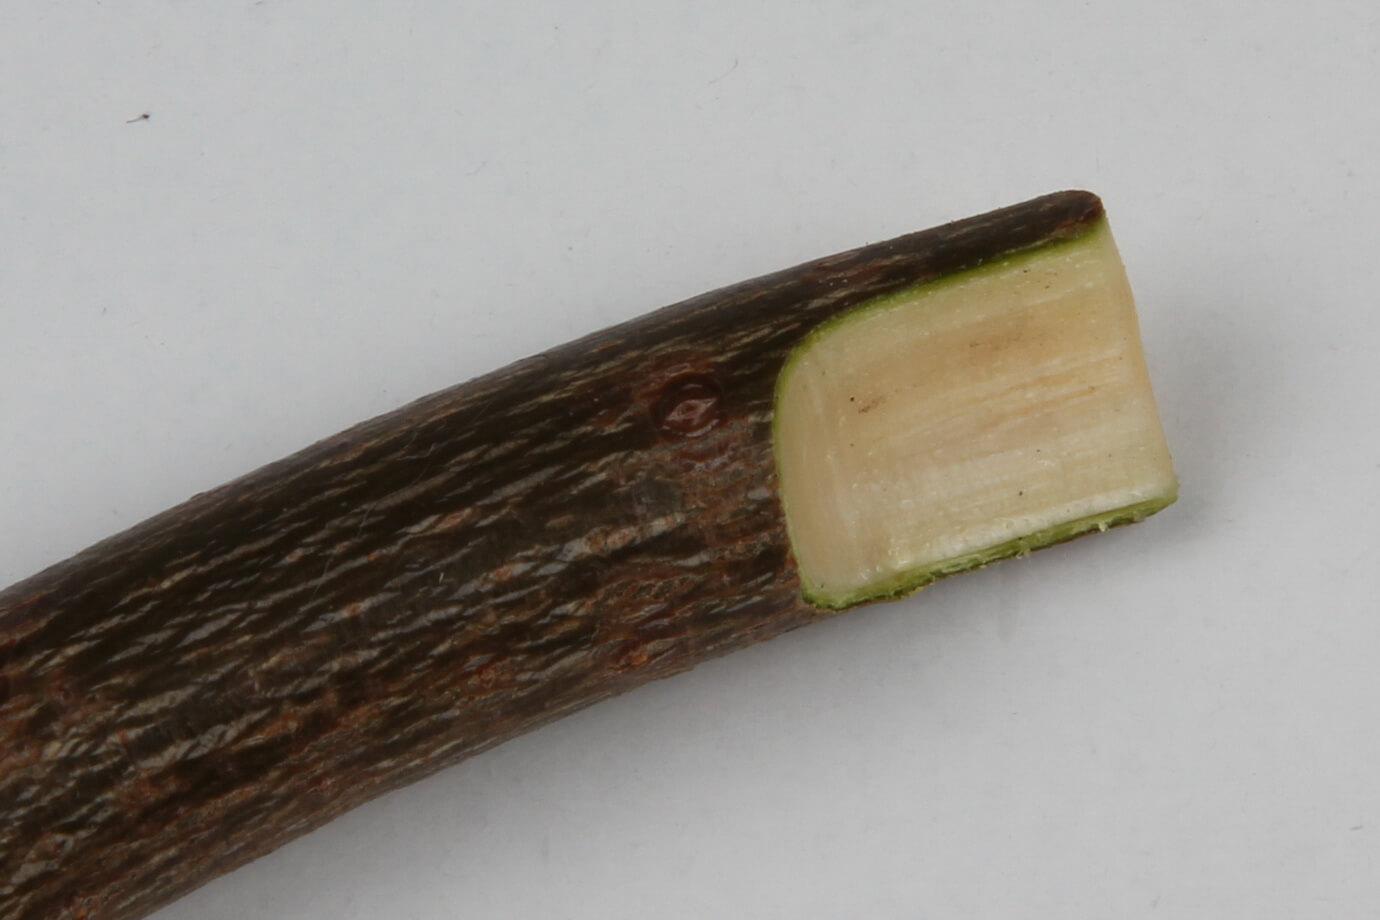 Секатор для прививки деревьев — как выбрать удобный и функциональный инструмент